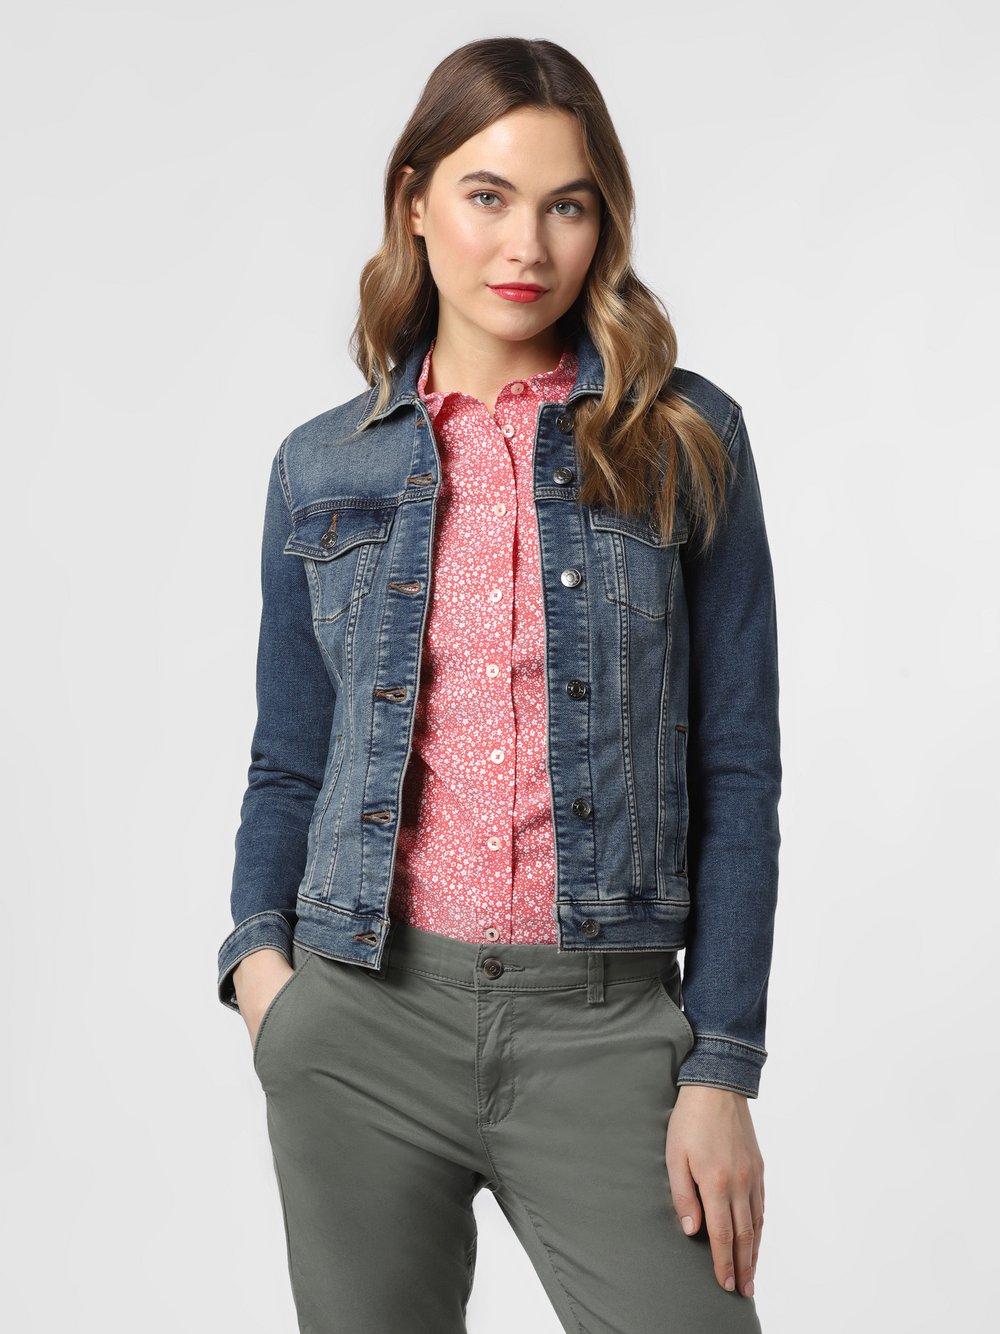 Esprit Casual – Damska kurtka jeansowa, niebieski Van Graaf 471908-0001